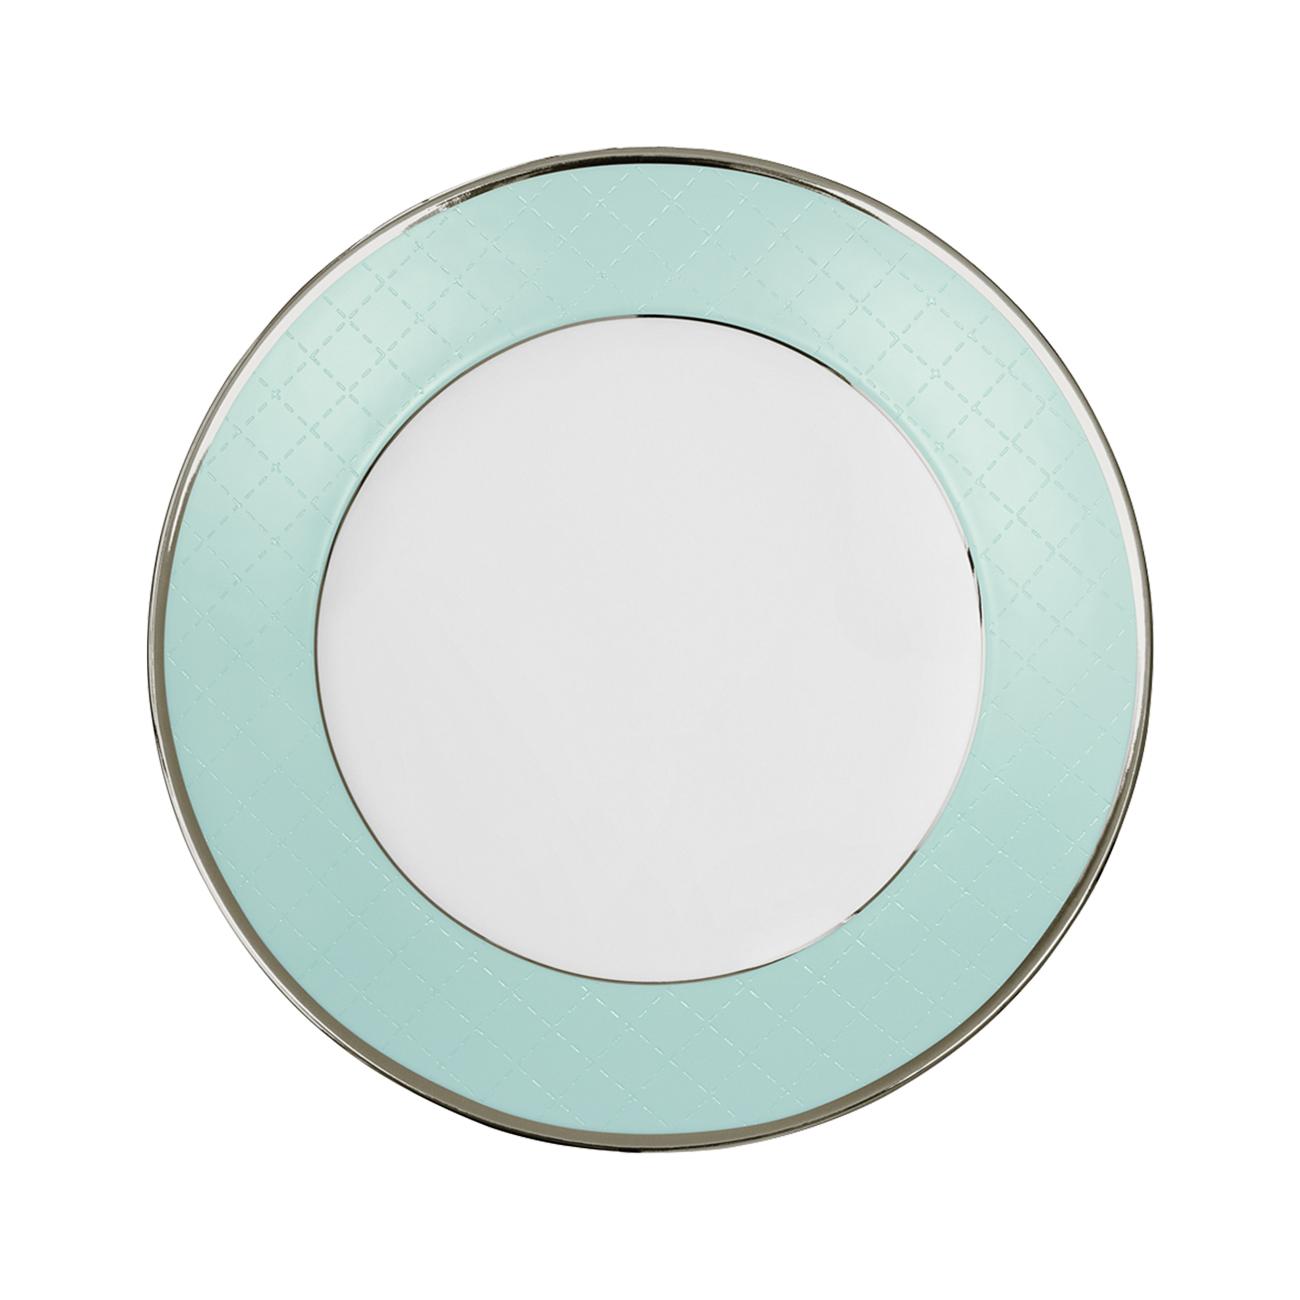 Ethereal Blue / Prato Marcador 31cm 0